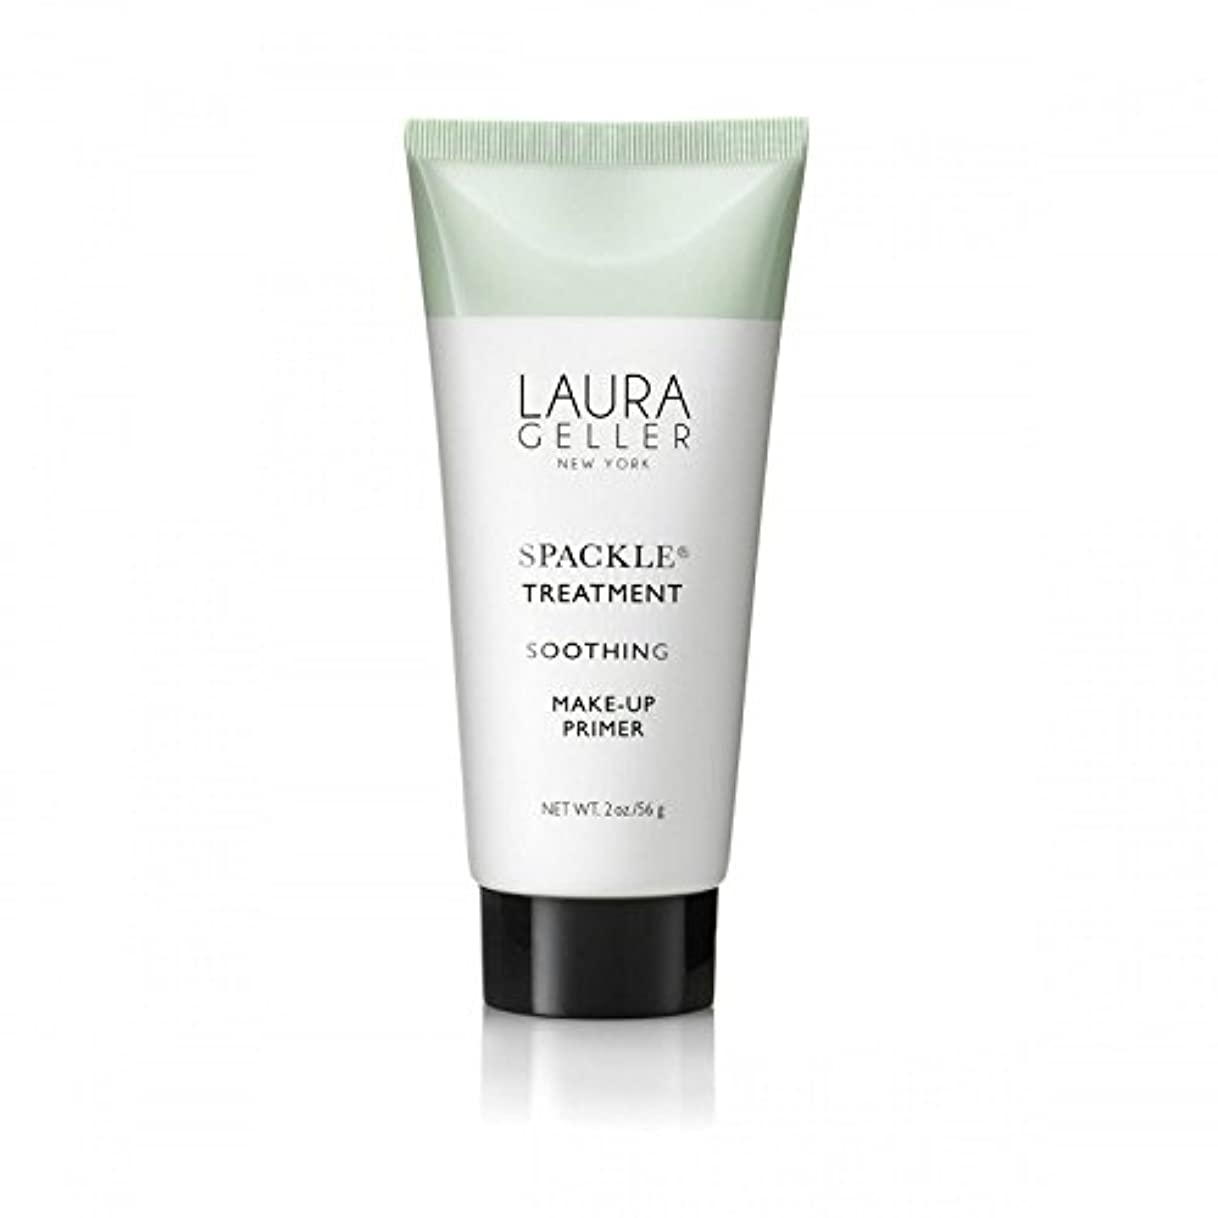 おなかがすいた咳空Laura Geller Spackle Treatment Under Make-Up Primer Soothing - メイクアッププライマー癒しの下のローラ?ゲラー 処理 [並行輸入品]